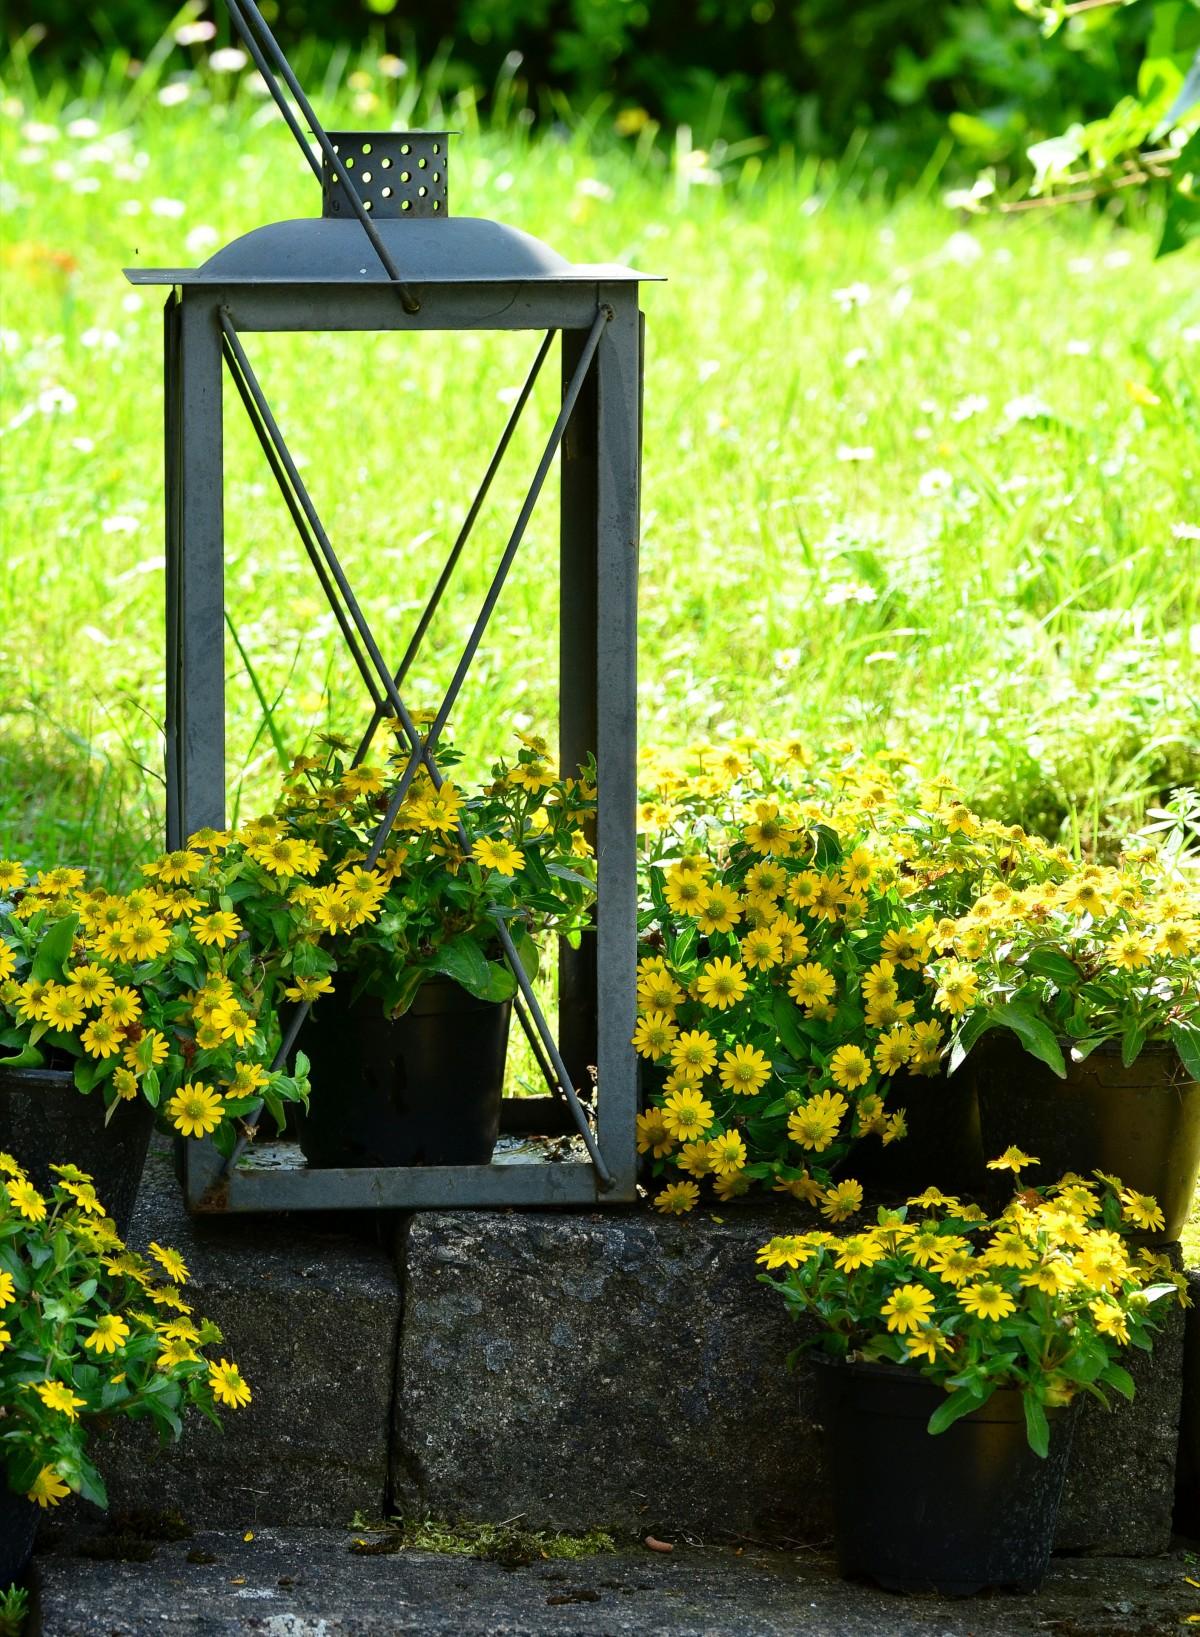 images gratuites arbre lumi re pelouse prairie feuille fleur vert lanterne l 39 automne. Black Bedroom Furniture Sets. Home Design Ideas